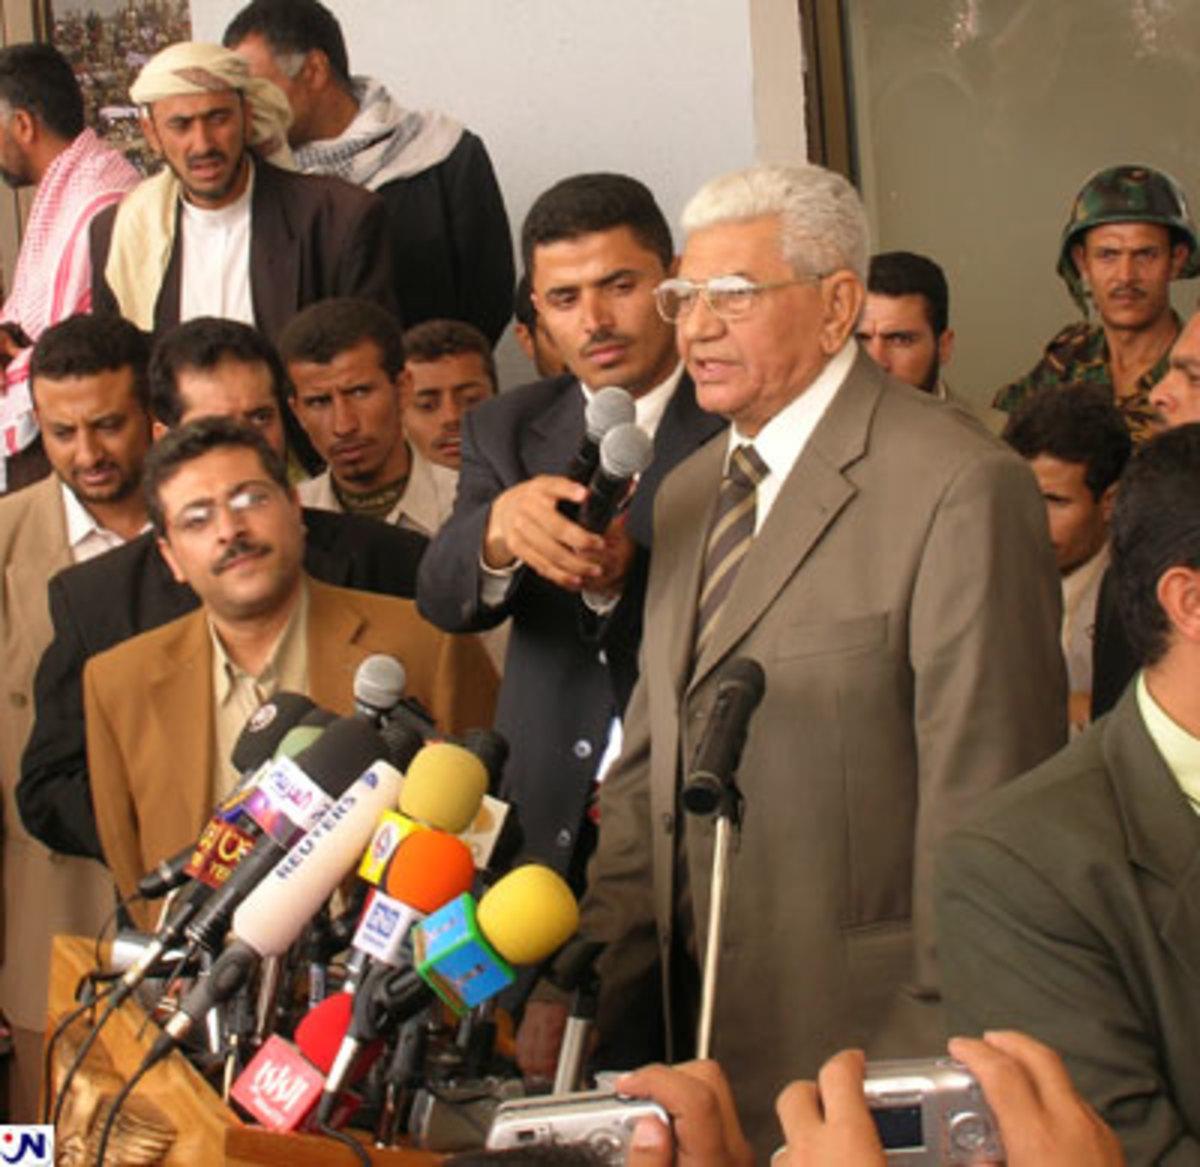 Faisal Othman Bin Shamlan (1934  1 January 2010) - cancer deaths